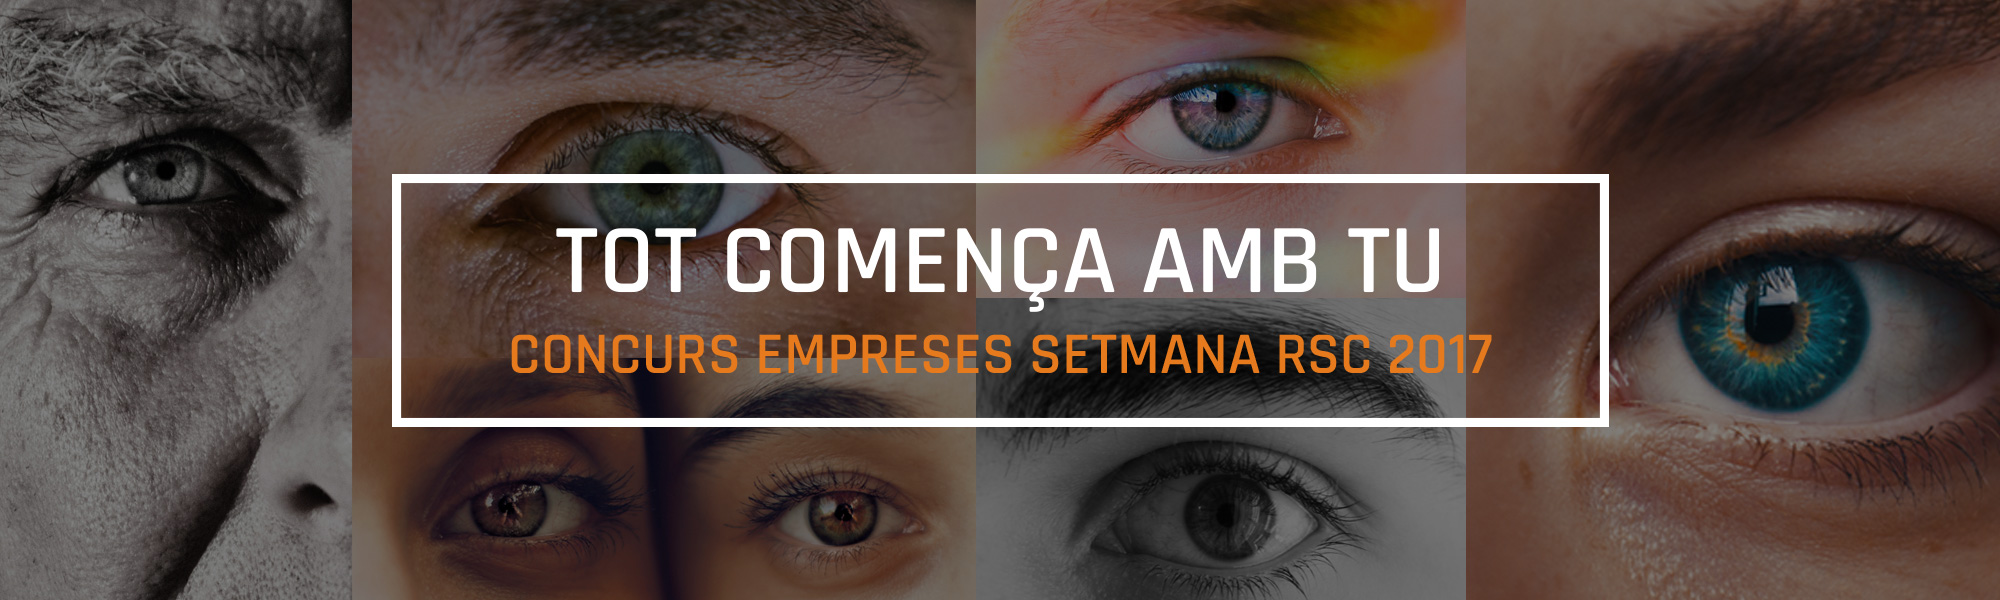 Concurs Empreses Setmana RSC 2017